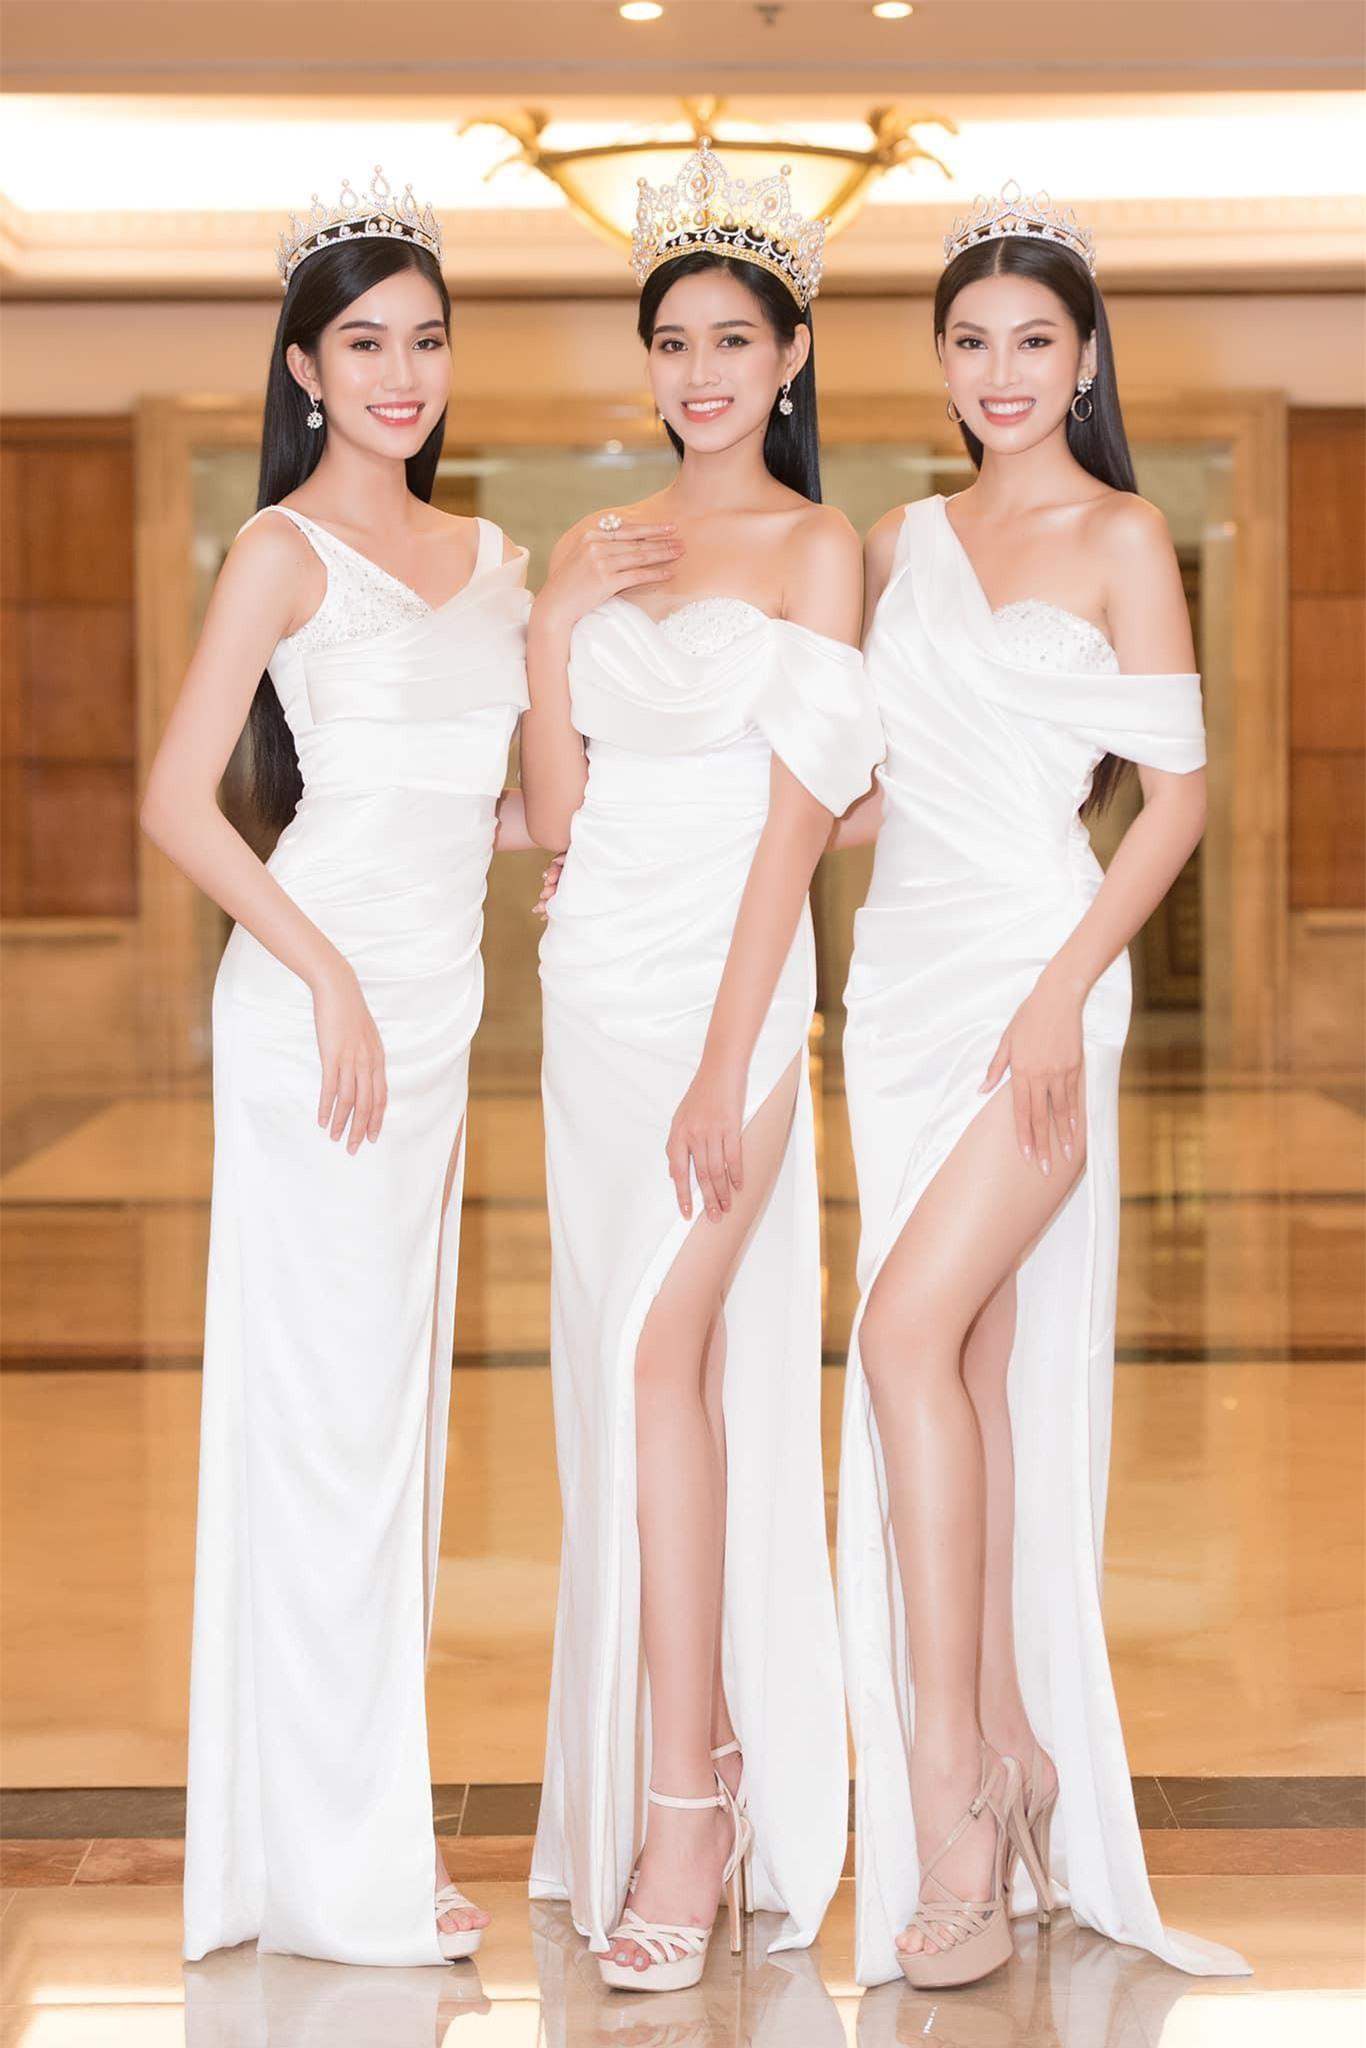 Á hậu Phương Anh chia sẻ bất ngờ khi được fan hỏi cảm nhận về Hoa hậu Đỗ Thị Hà, Ngọc Thảo Ảnh 2